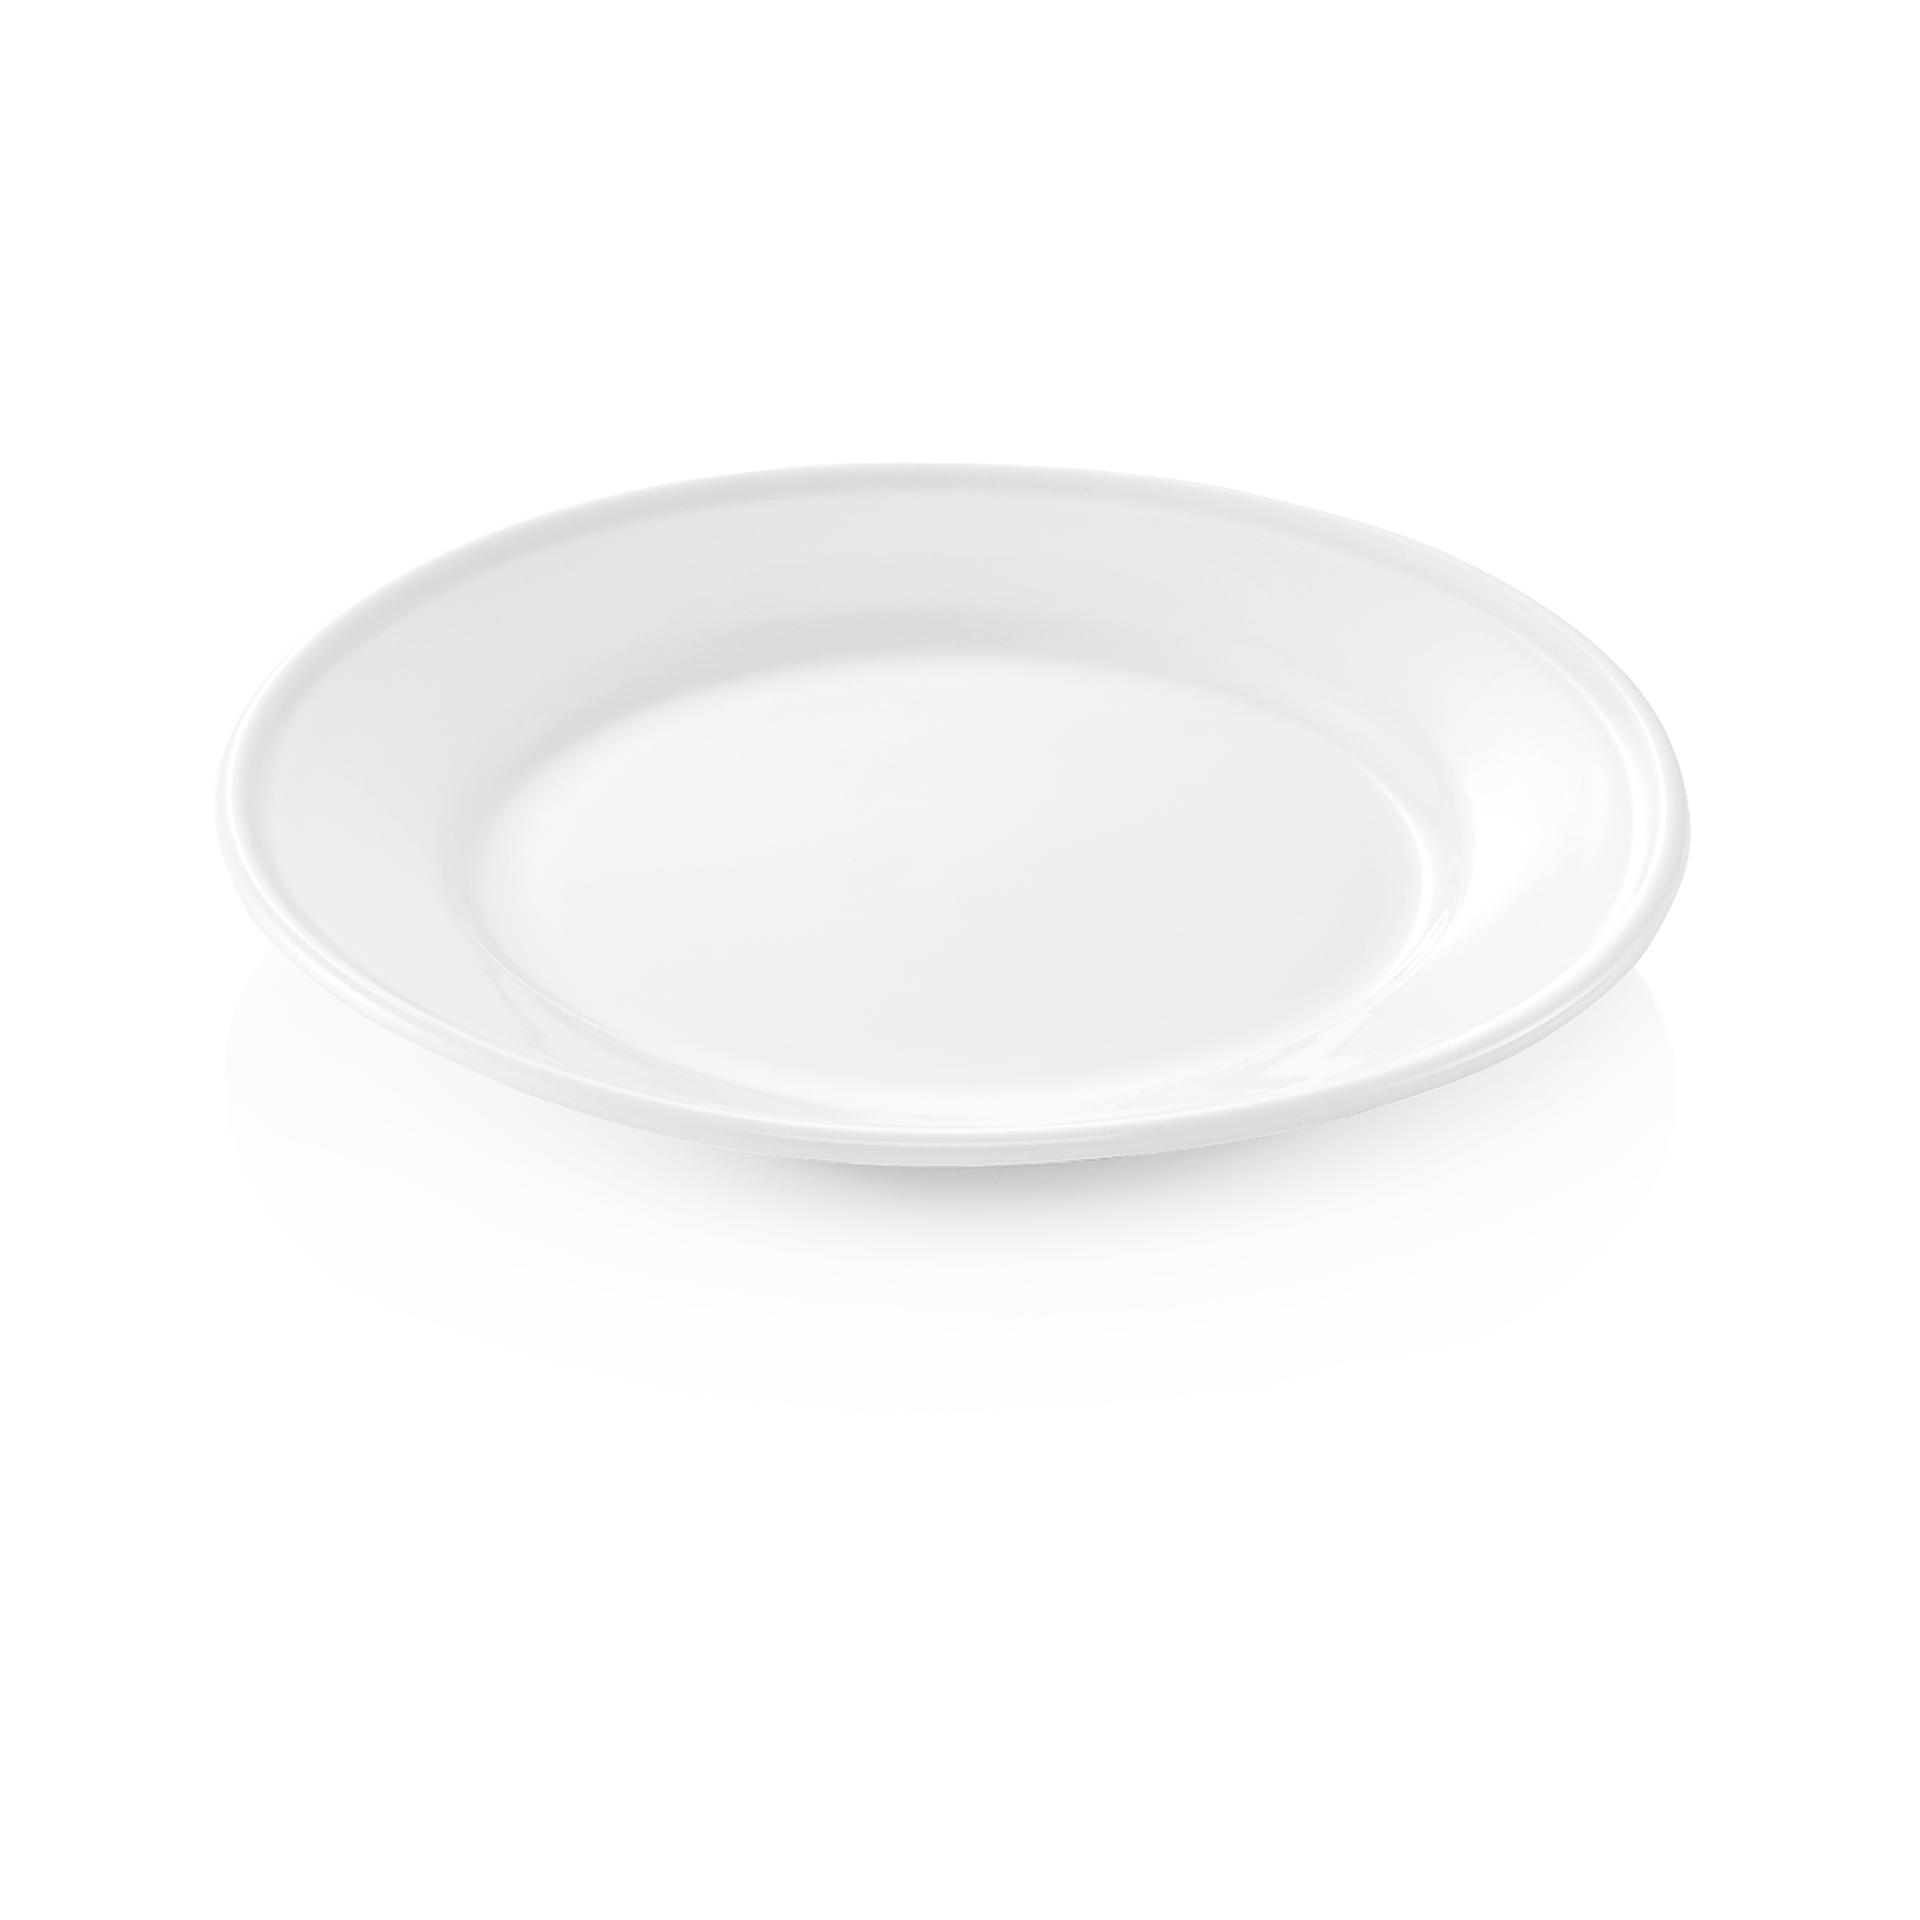 teller 20cm porzellan einfach im shop bestellen gastro billig gastronomie und hotelbedarf